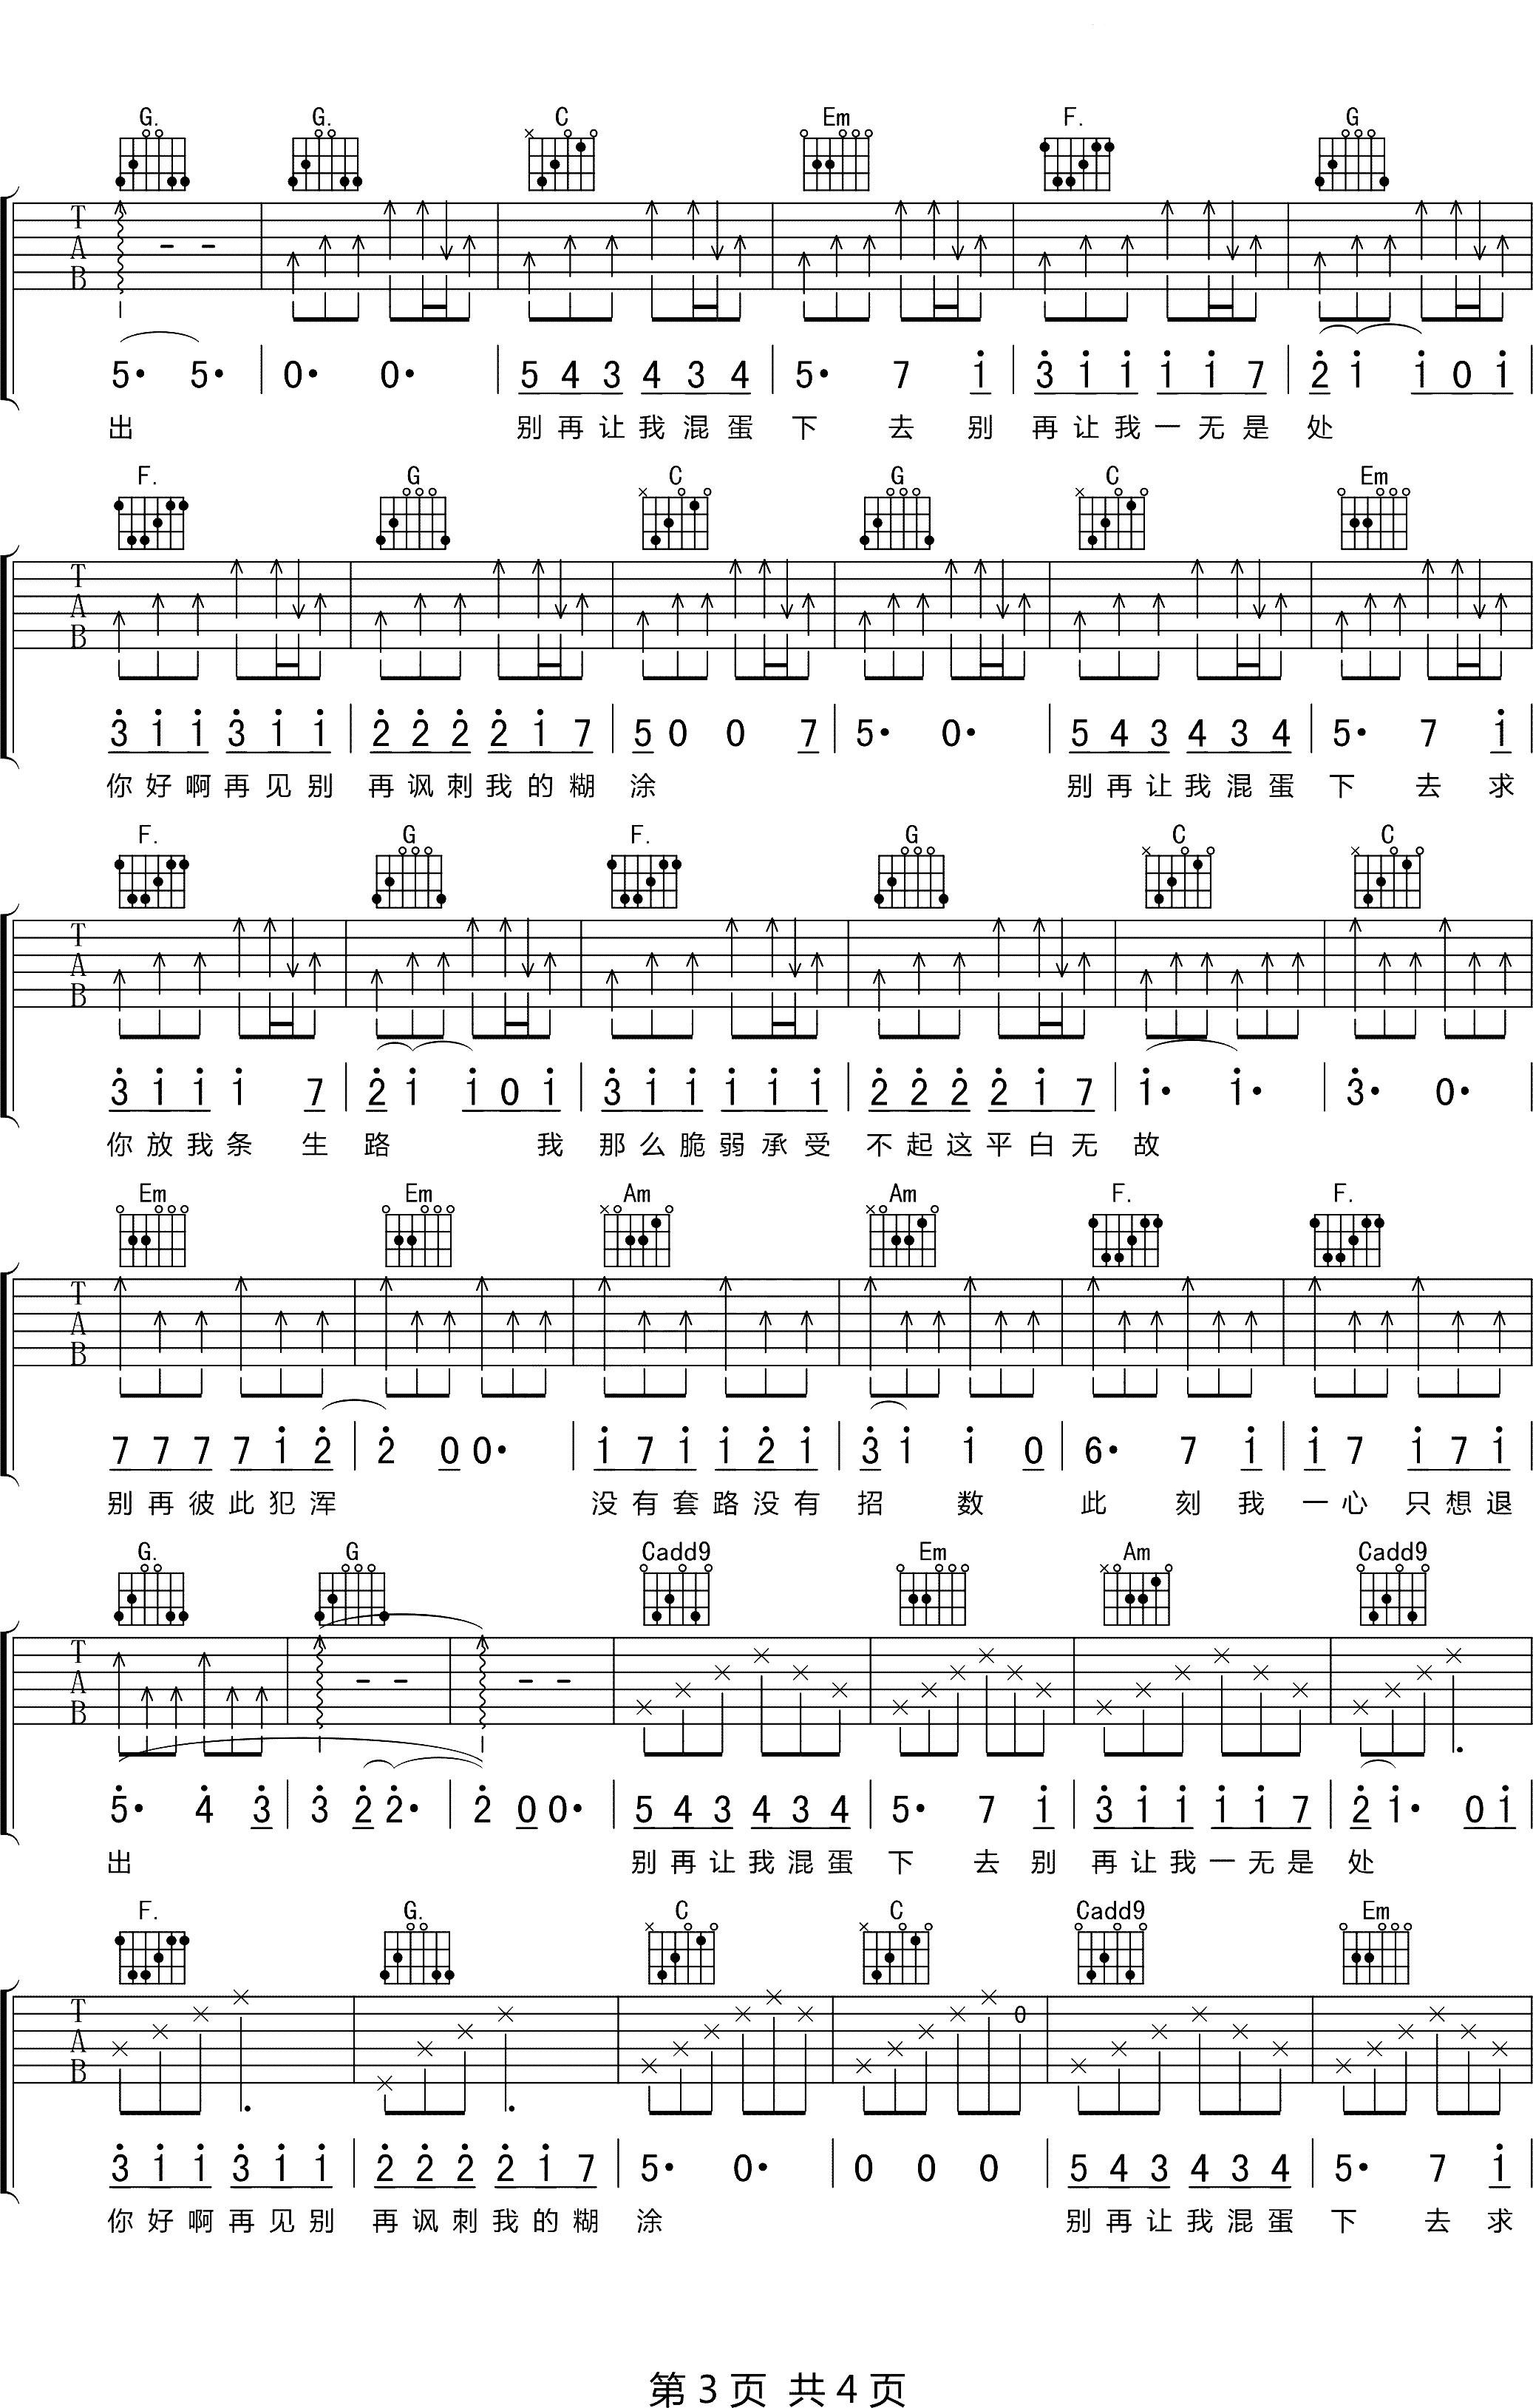 焦迈奇《混蛋》吉他谱 C调吉他弹唱谱3